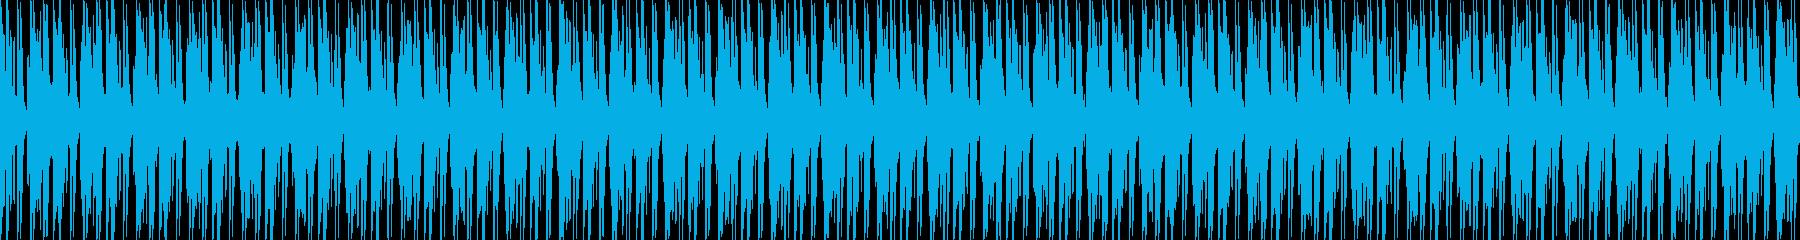 脳内研究所の再生済みの波形